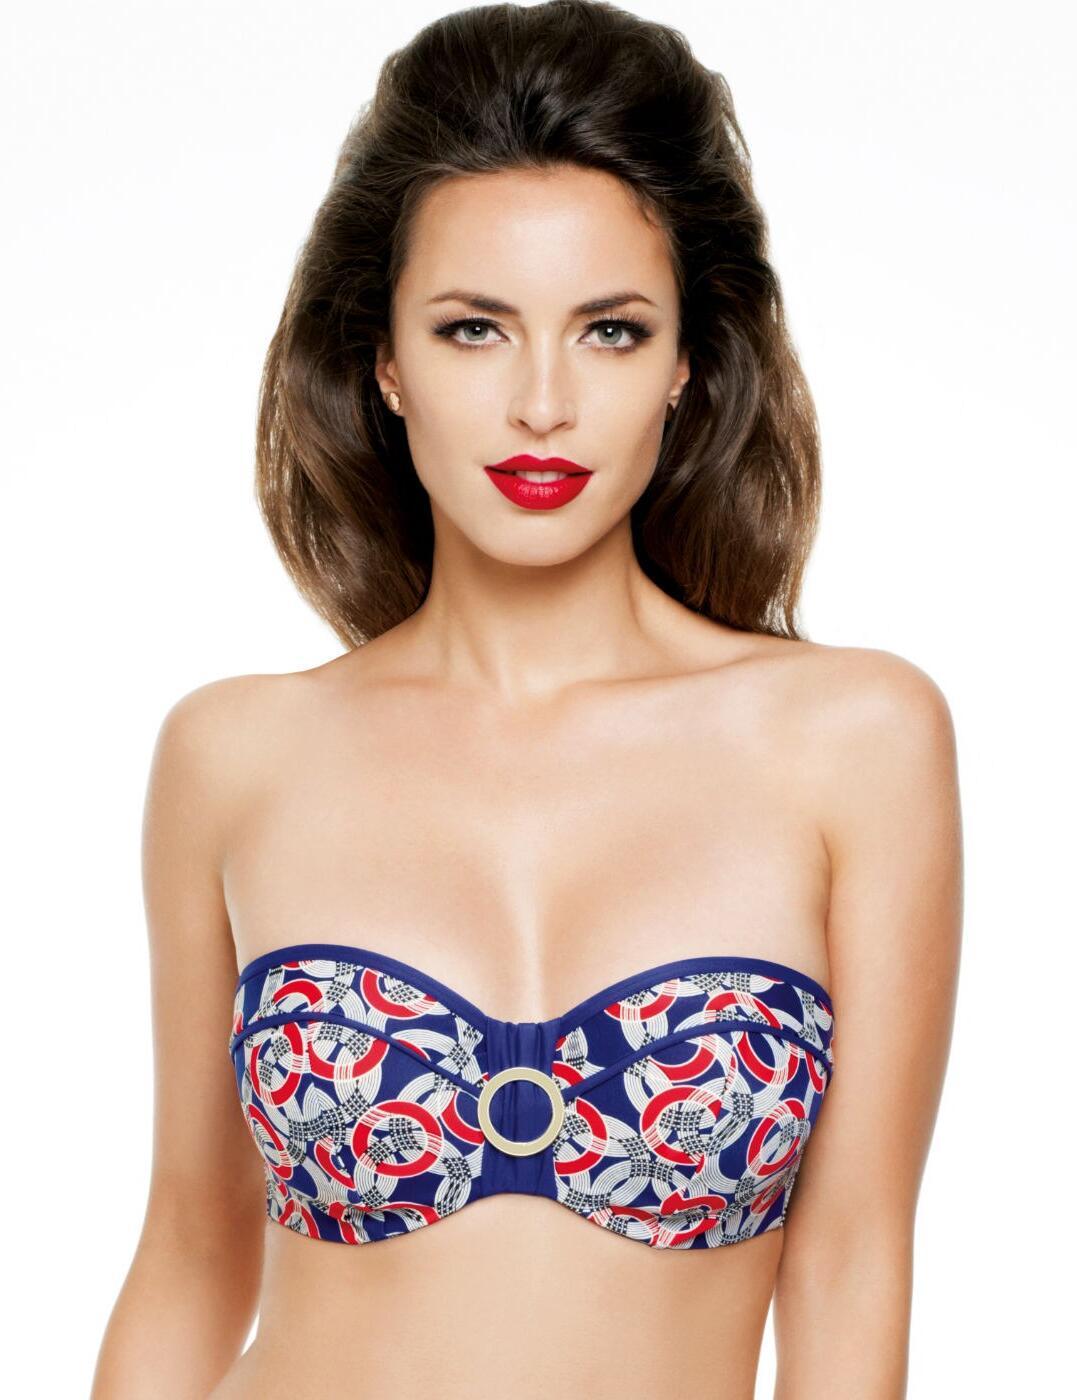 SW0773 Panache Nancy Bandeau Bikini Top - SW0773 Print